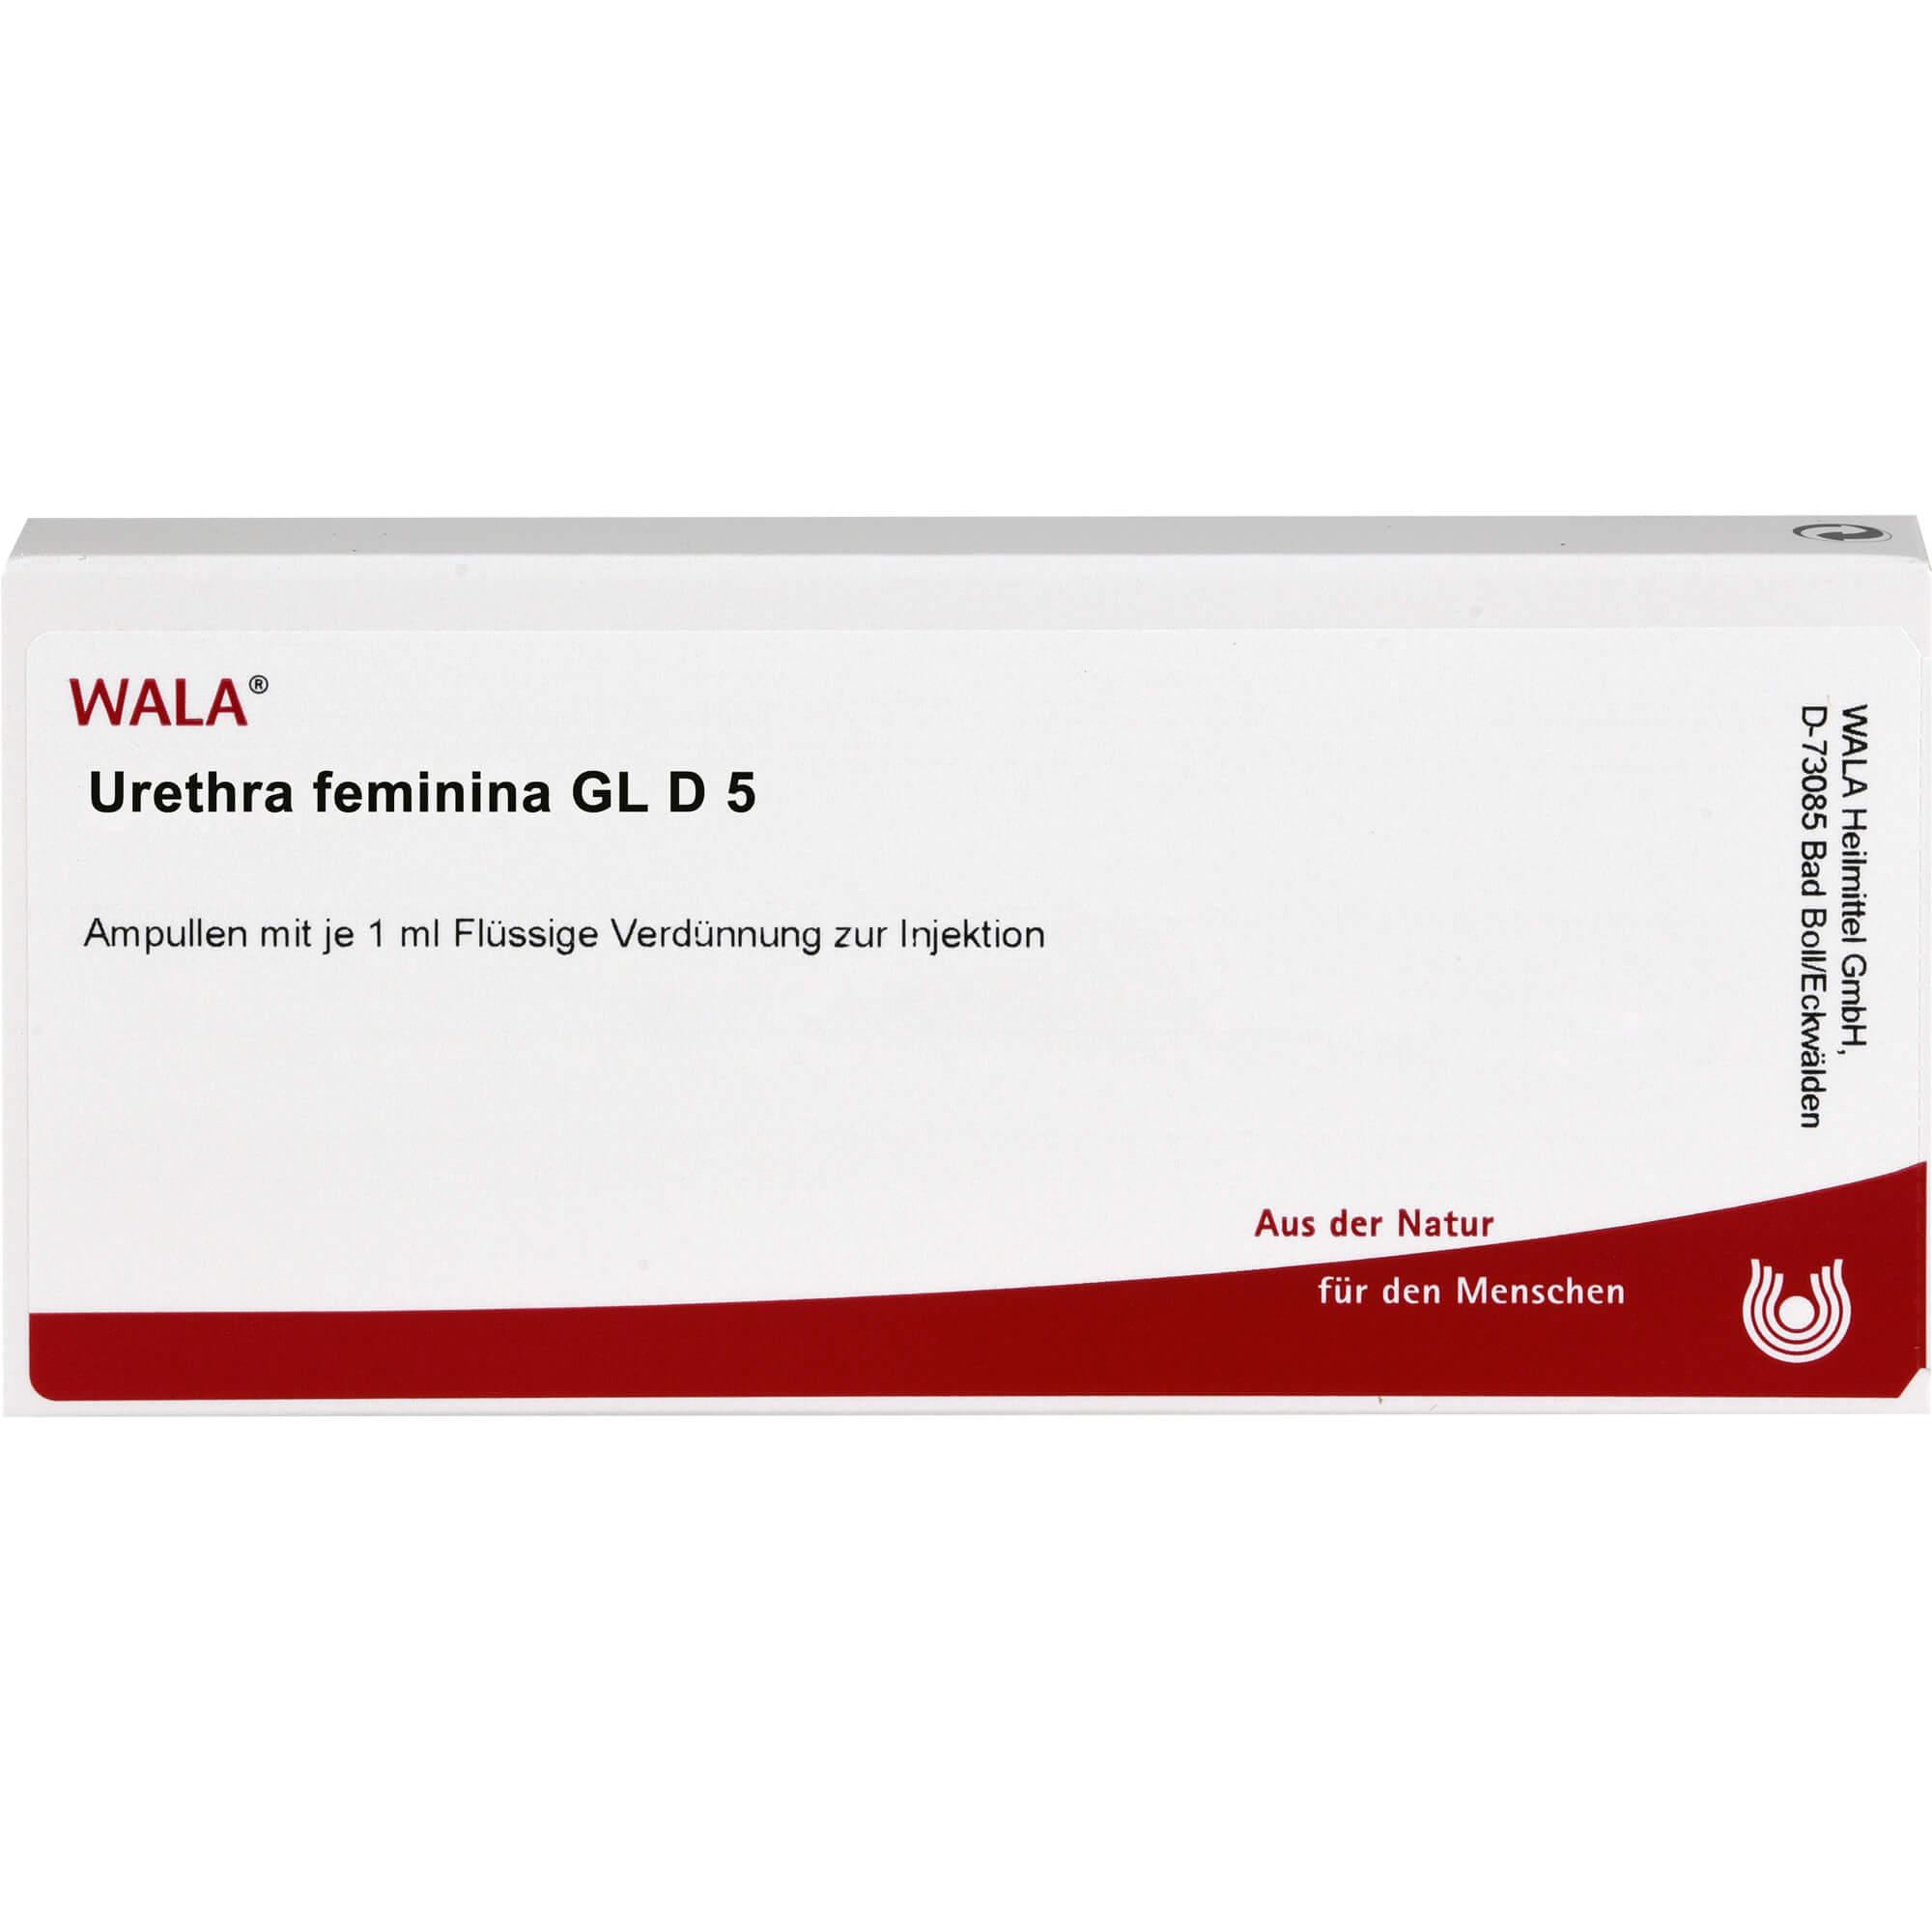 URETHRA feminina GL D 5 Ampullen